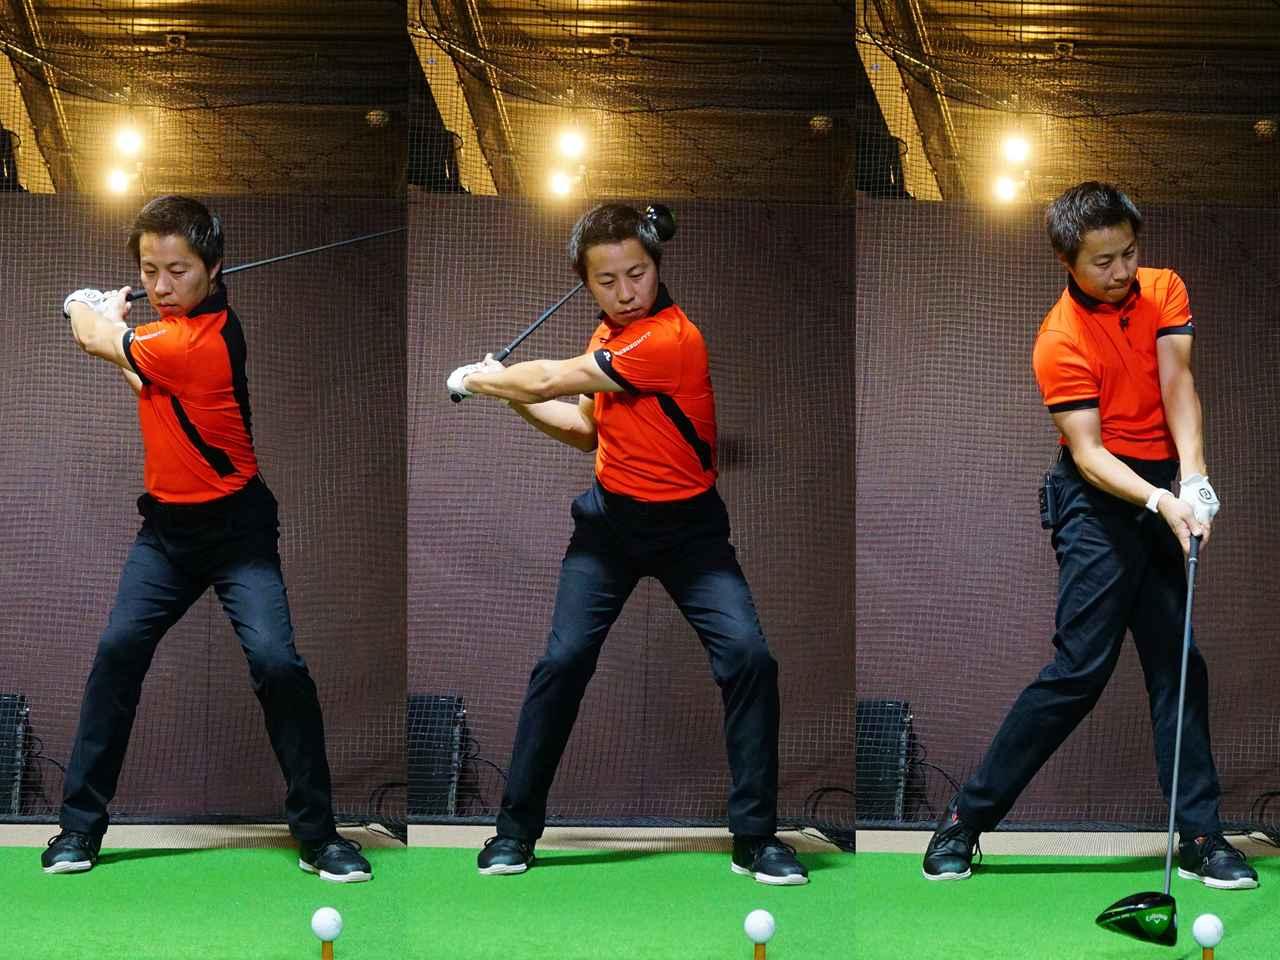 画像: トップでつくった捻転差を維持しながらダウンスウィングすることで効率良いインパクトを迎えられる